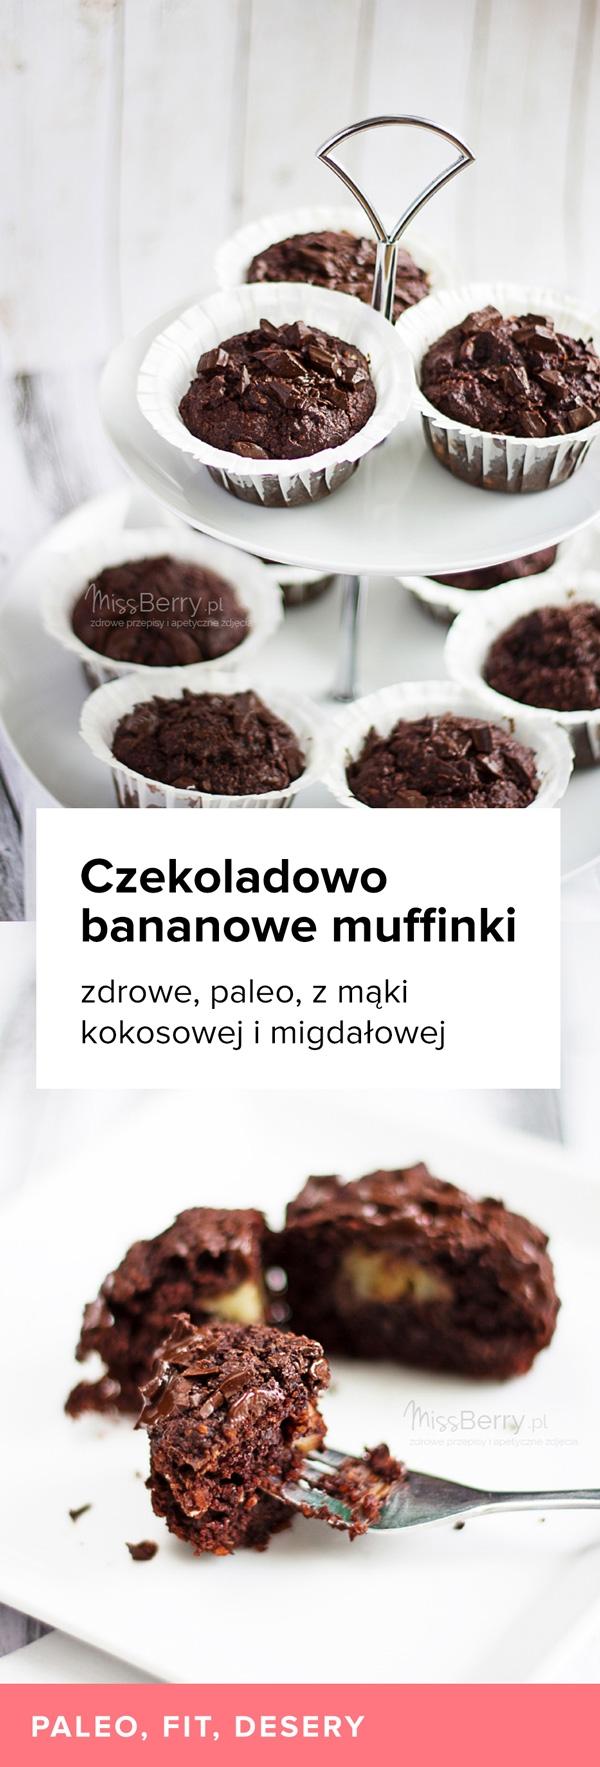 Przepis na Czekoladowo bananowy muffinki paleo z mąki kokosowej i migdałowej. Zdrowy deser.